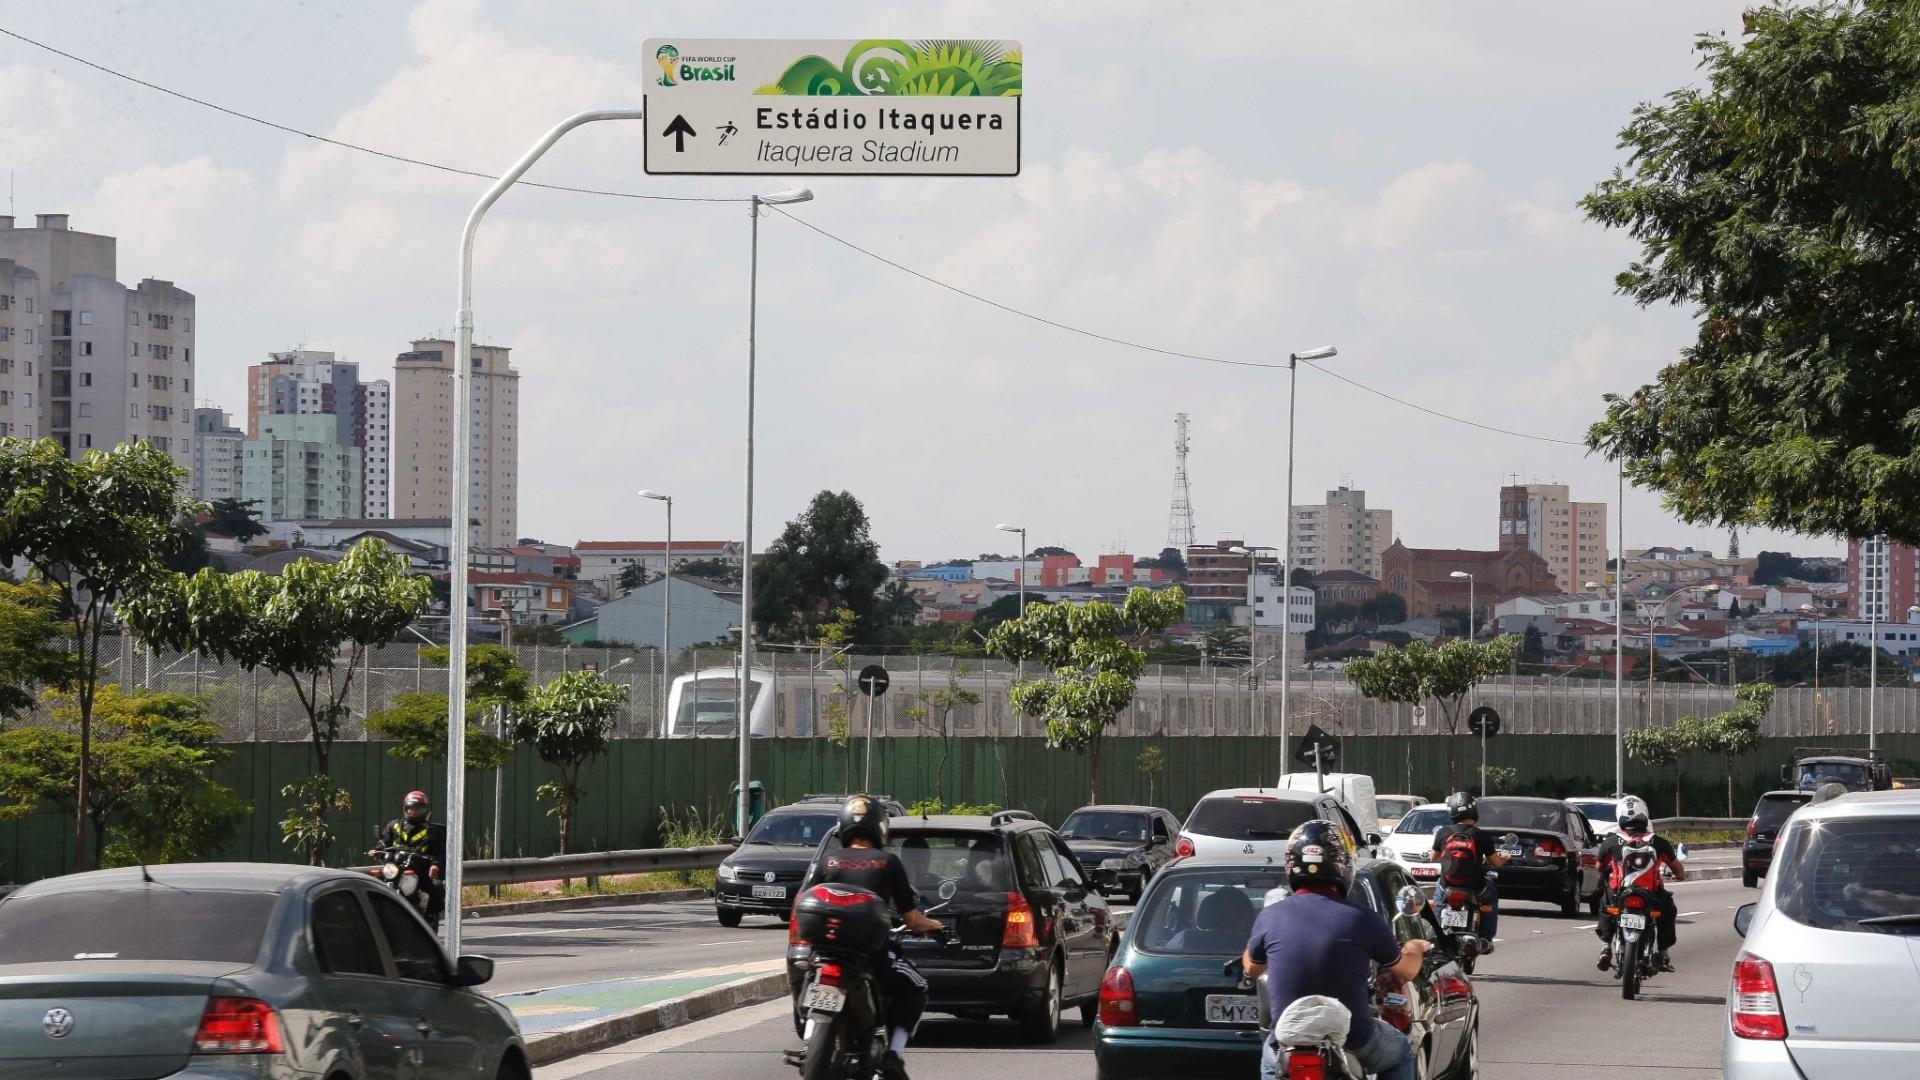 08.05.14 - Avenida Radial Leste ganha placa de sinalização para o Itaquerão, estádio paulista da Copa